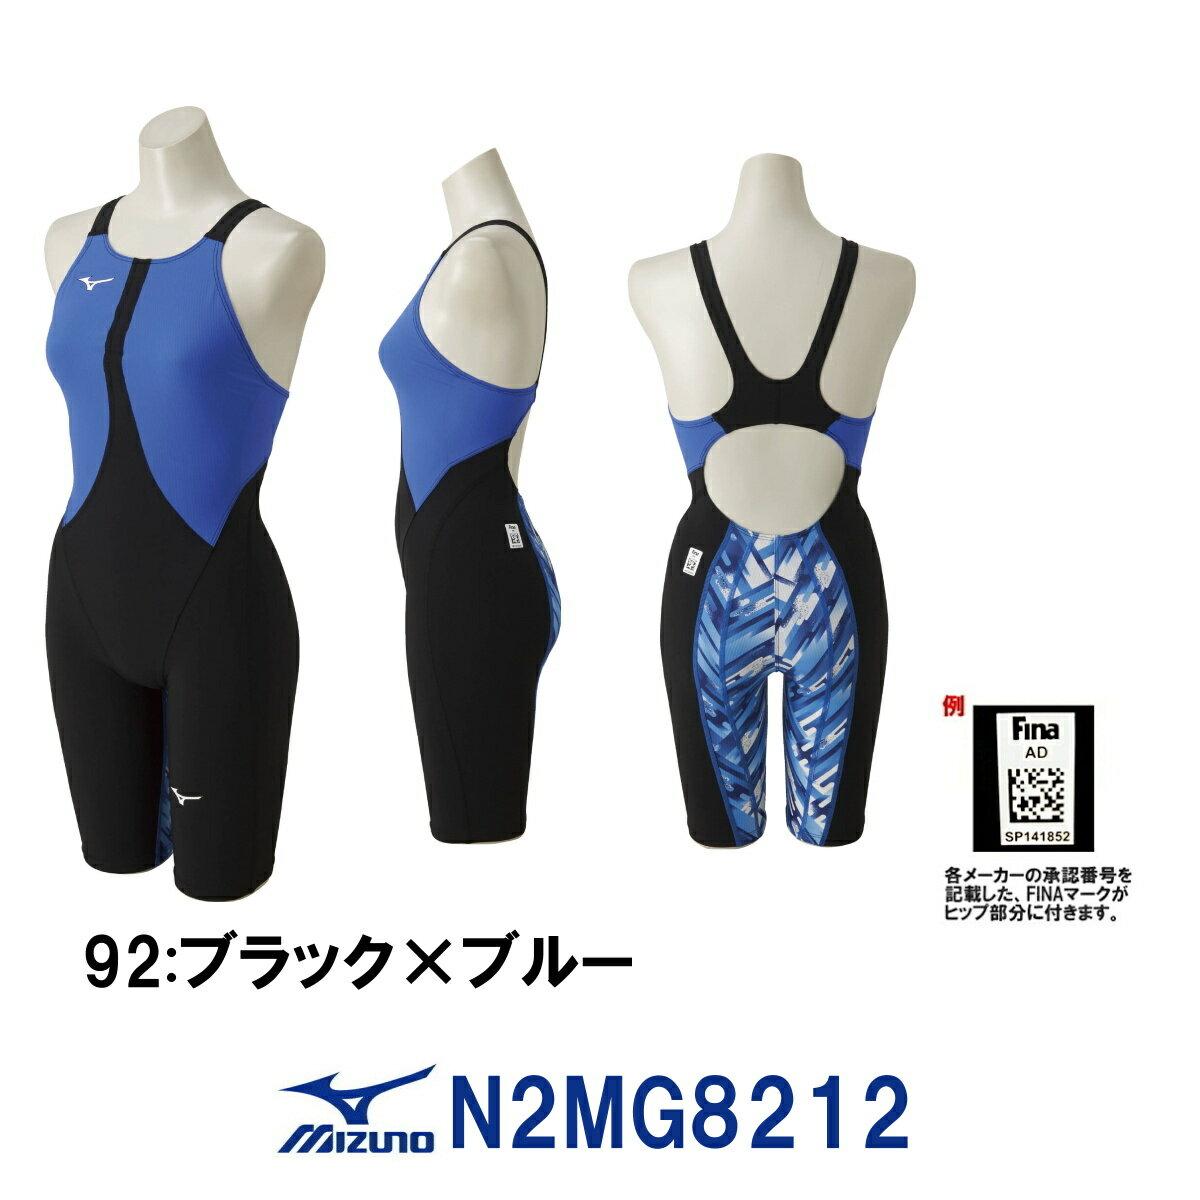 ミズノ MIZUNO 競泳水着 レディース fina承認モデル ハーフスーツ MX・SONIC02 SONIC LIGHT-RIBTEX スパッツ 大会 レース用 選手向き 競泳全種目(短・中長距離)布帛素材 高速水着入門モデル [GX SONIC3をイメージした霞×ブルー] N2MG8212